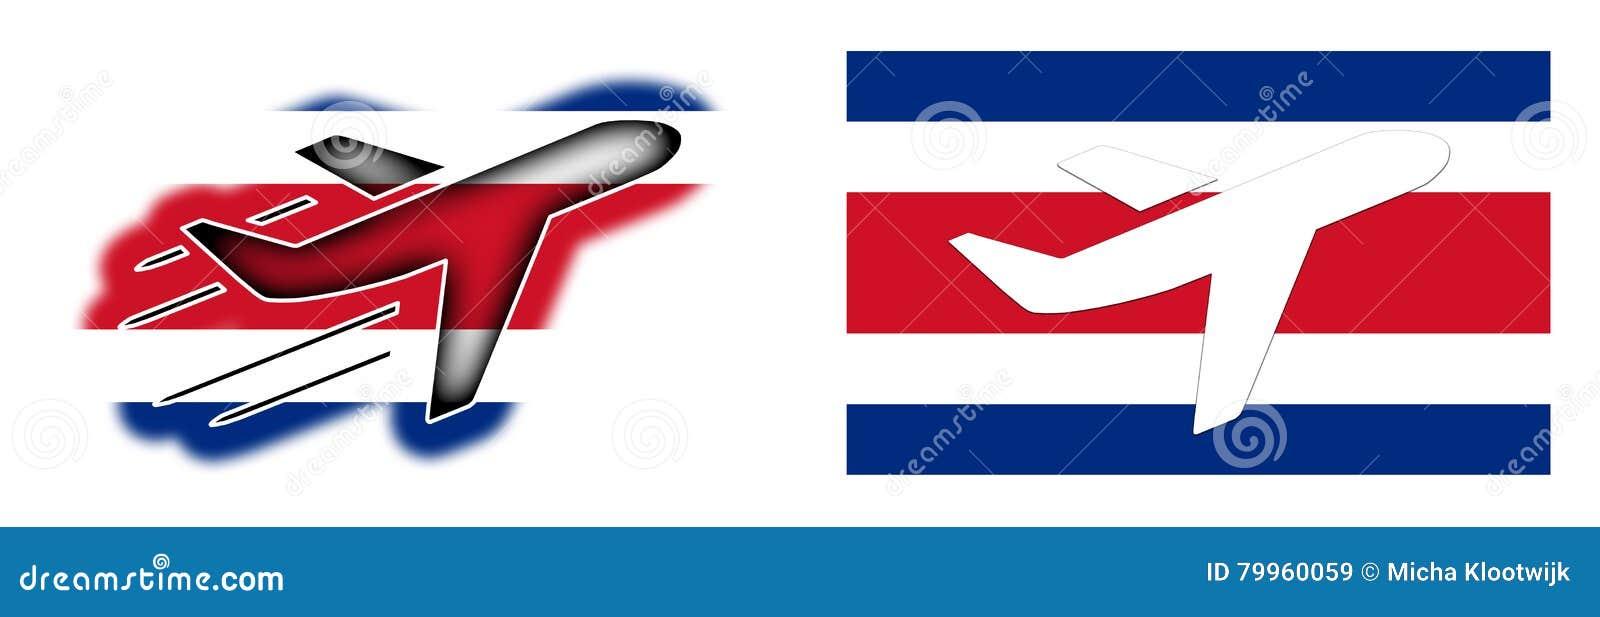 国家旗子-被隔绝的飞机-哥斯达黎加